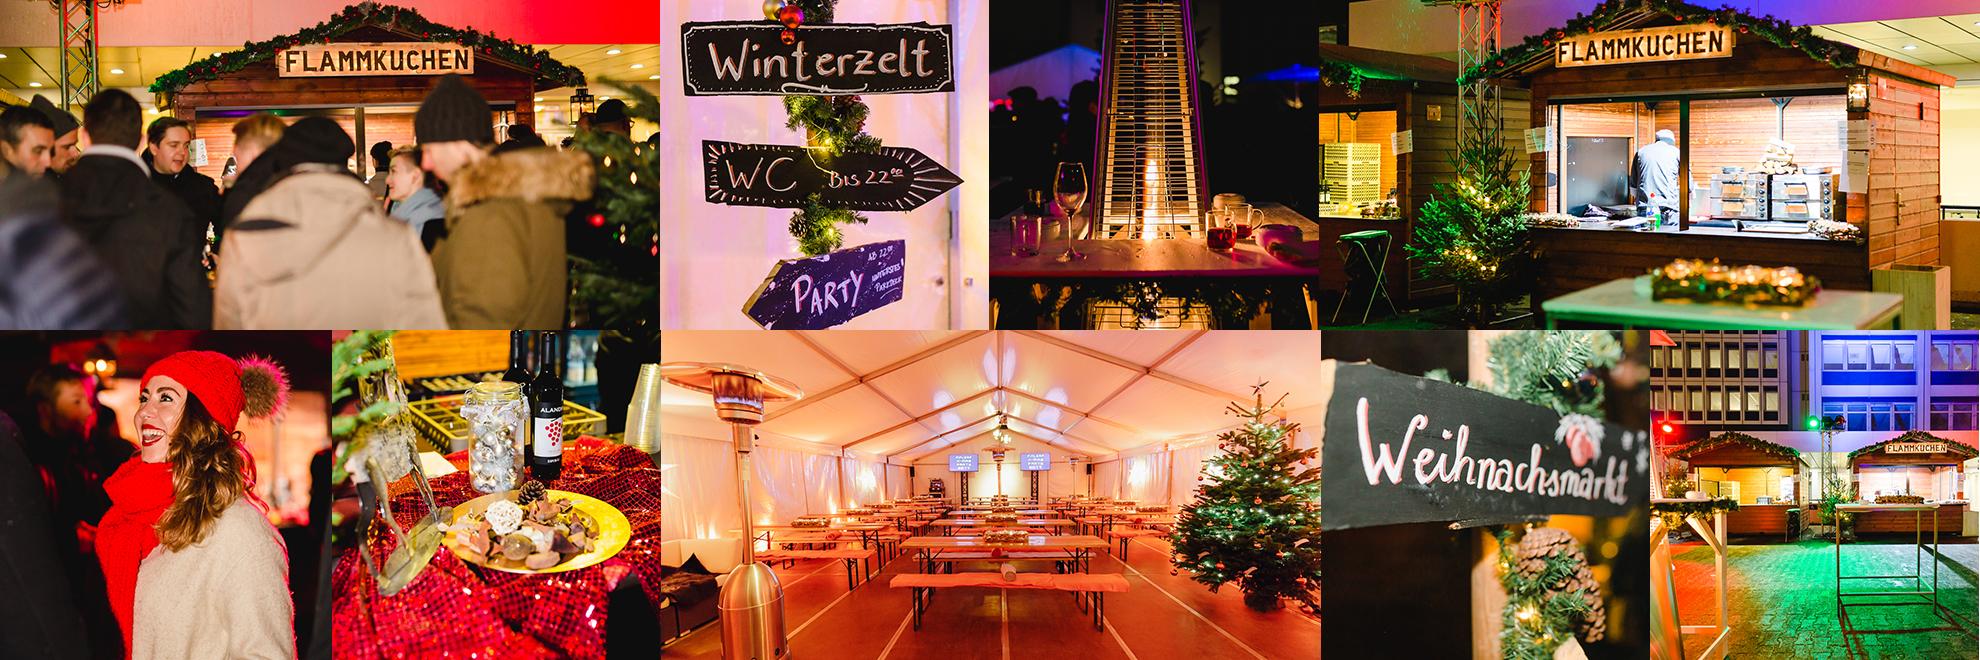 Impressionen eigener Weihnachtsmarkt als Firmenfeier in Berlin